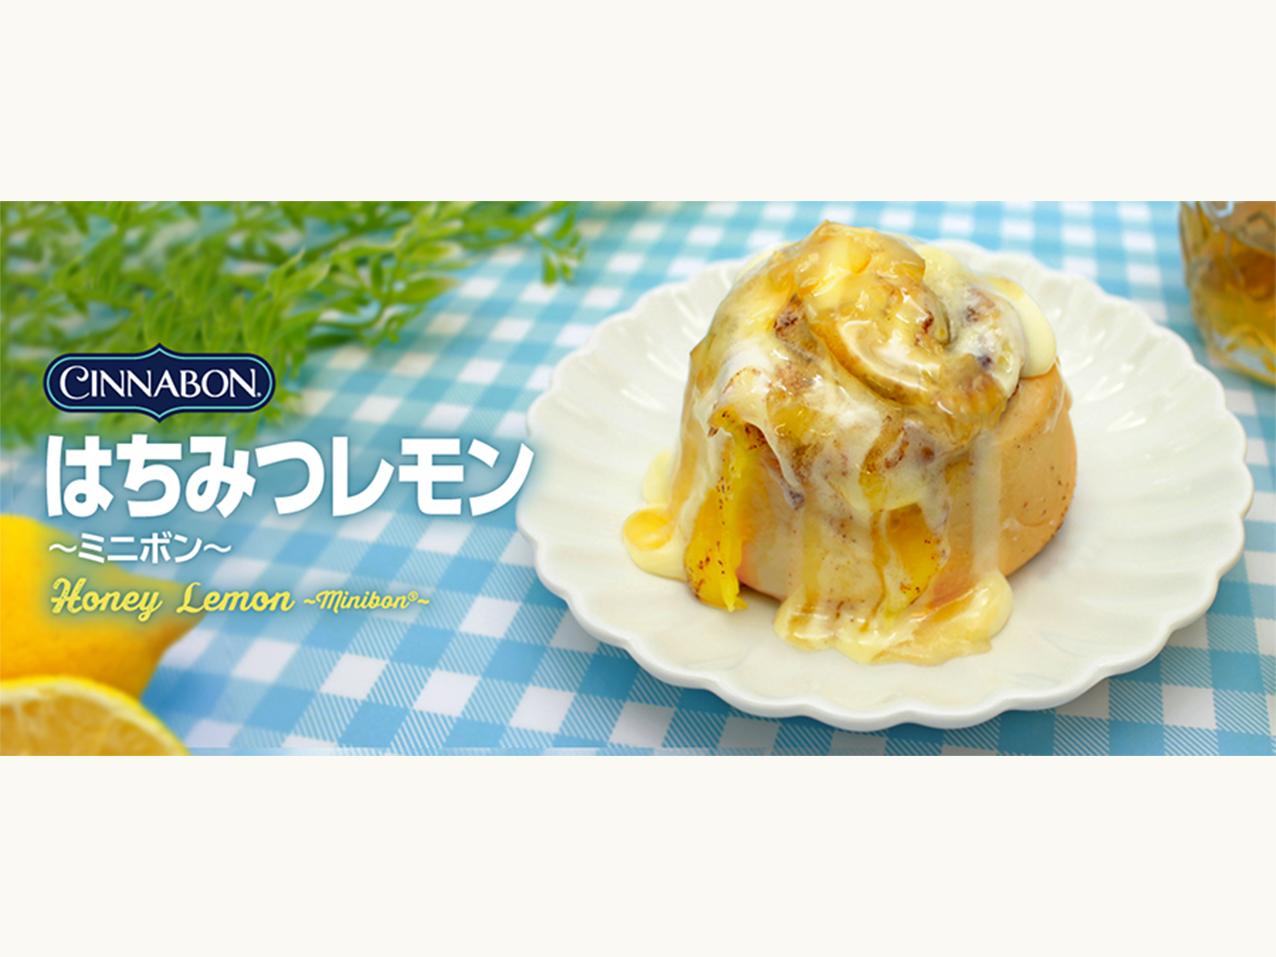 シナモンロール専門店「シナボン」が新商品「はちみつレモン~ミニボン~」を期間限定販売!